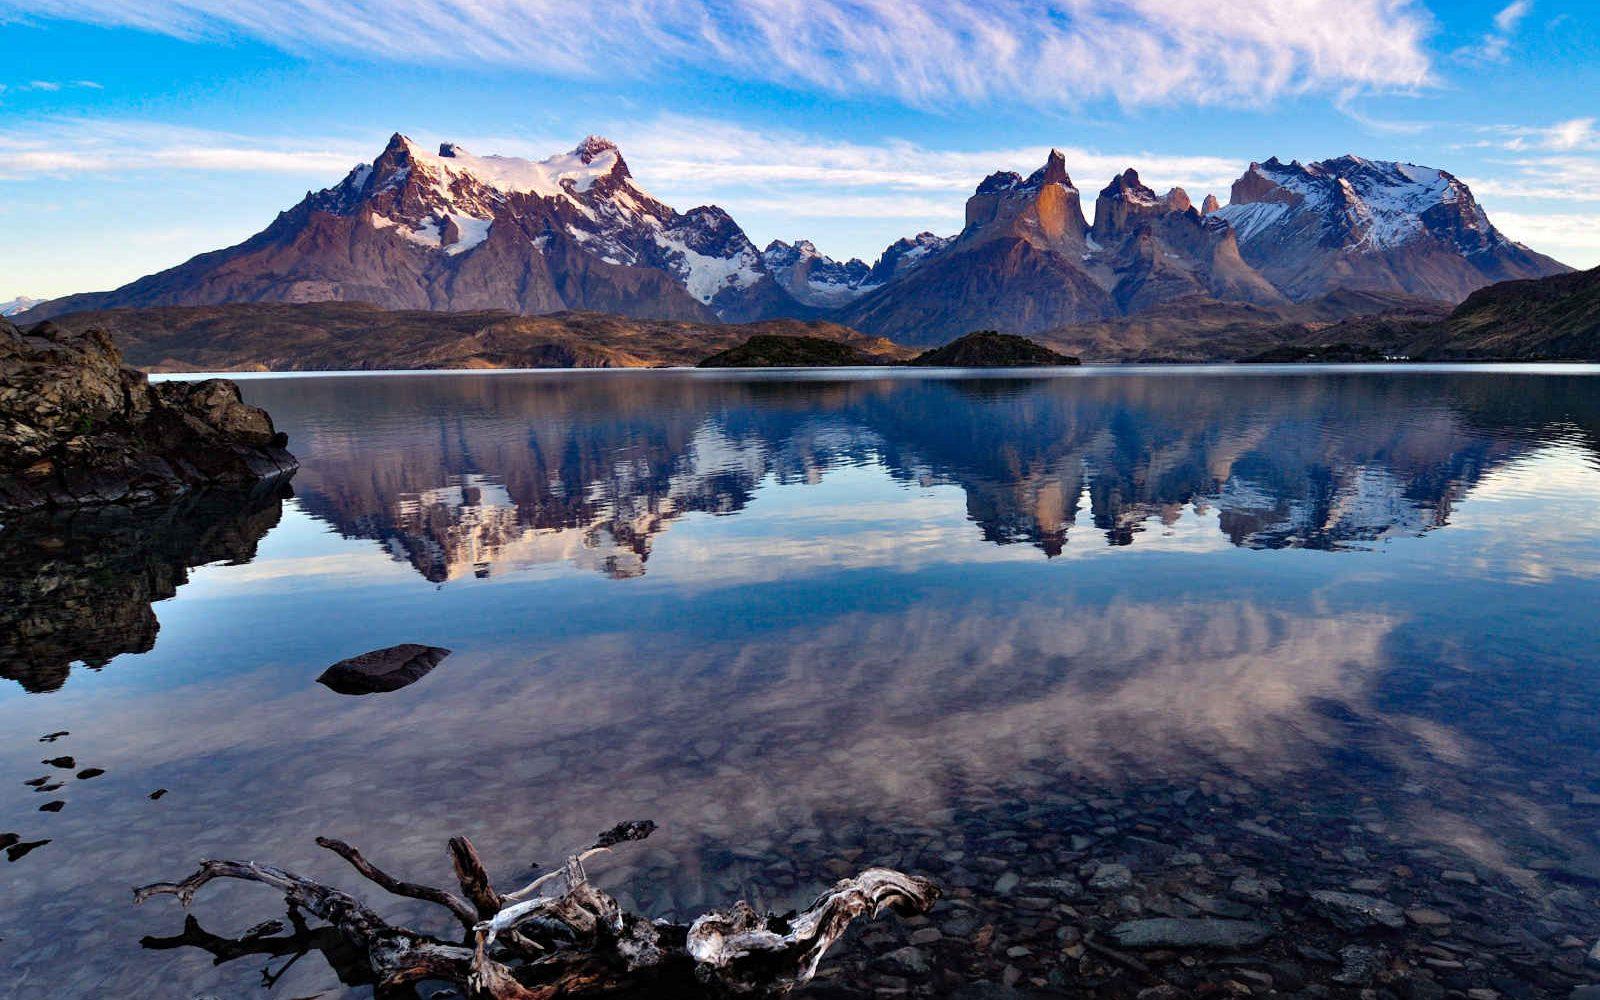 Lac Pehoe, Parc National de Torres del Paine, Chili